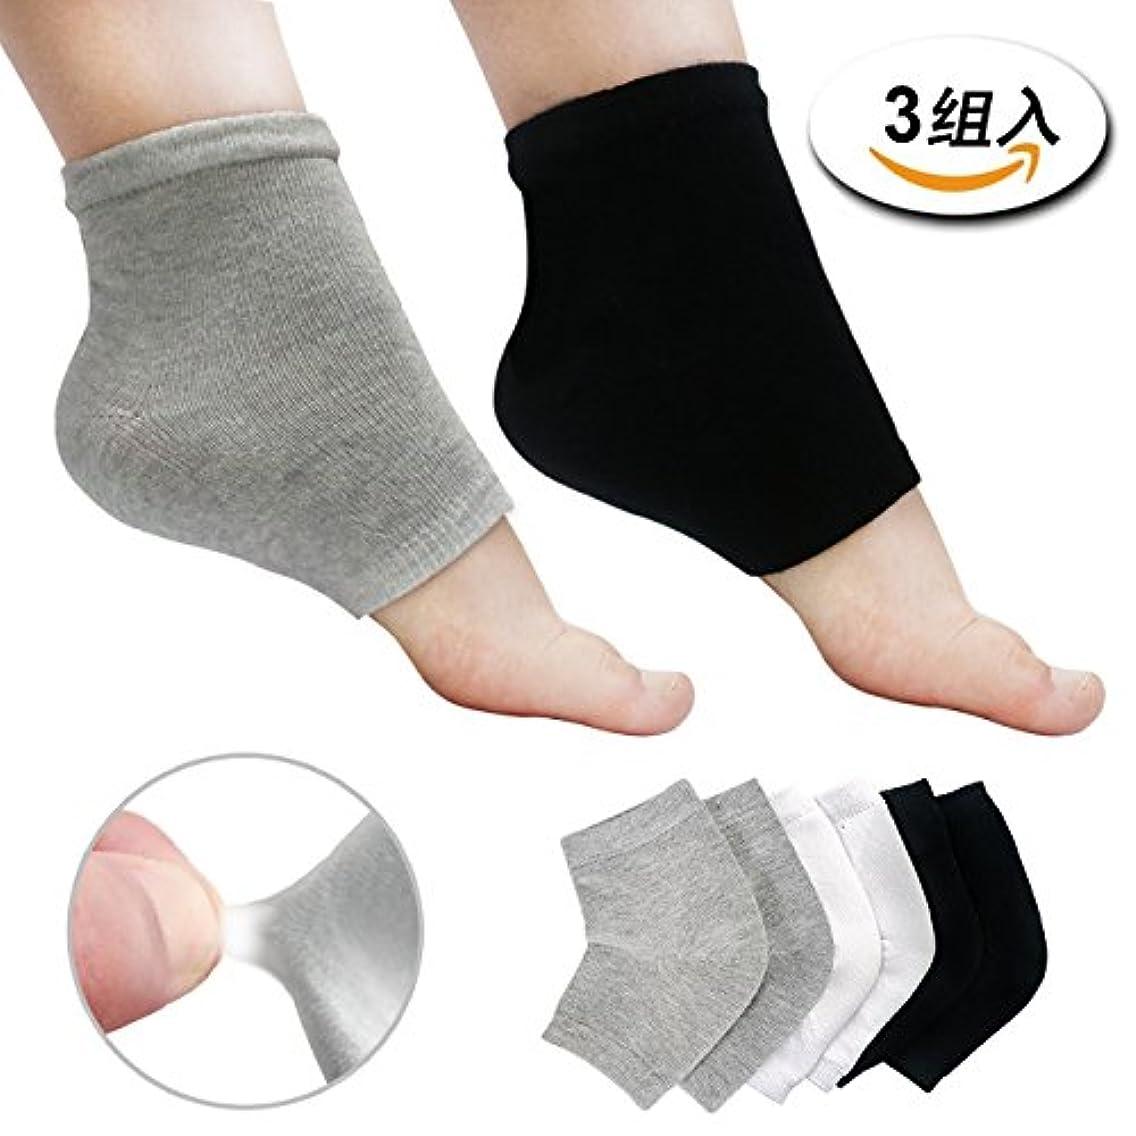 想起ブレーク疫病Dreecy かかと 靴下 かかとケア 靴下 かかと ツルツル ソックス かかと つるつる靴下 かかと ひび 割れ ケア レディース メンズ 靴下 角質ケア 保湿 角質除去 足首用 かかと サポーター [3足入] (ブラック+グレー+ホワイト)